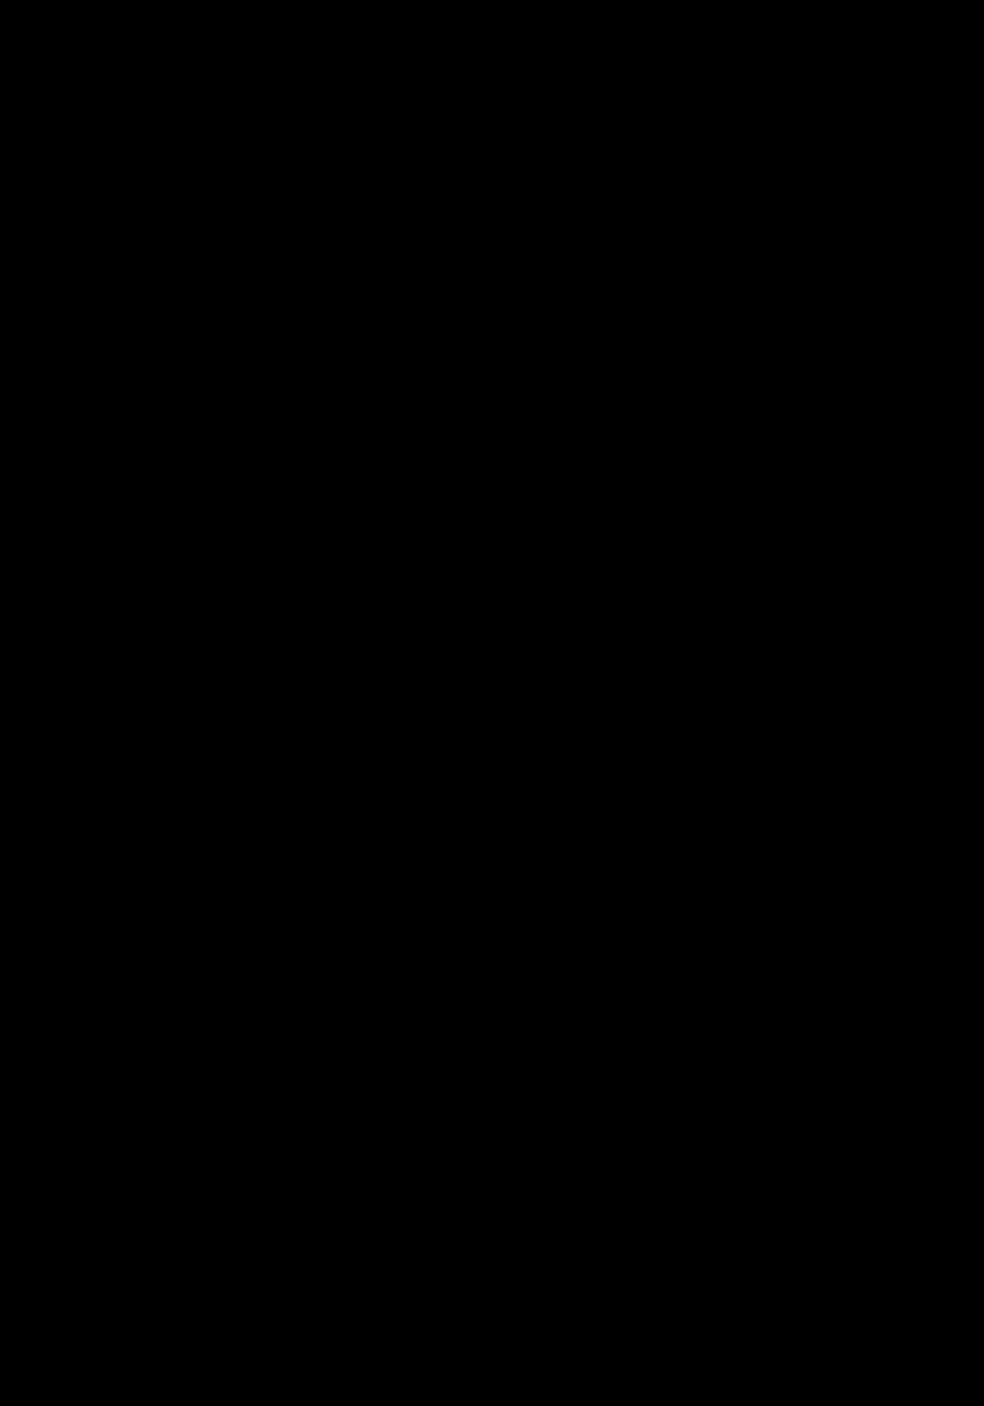 ゴカール E(かな) EGC 縦組見本